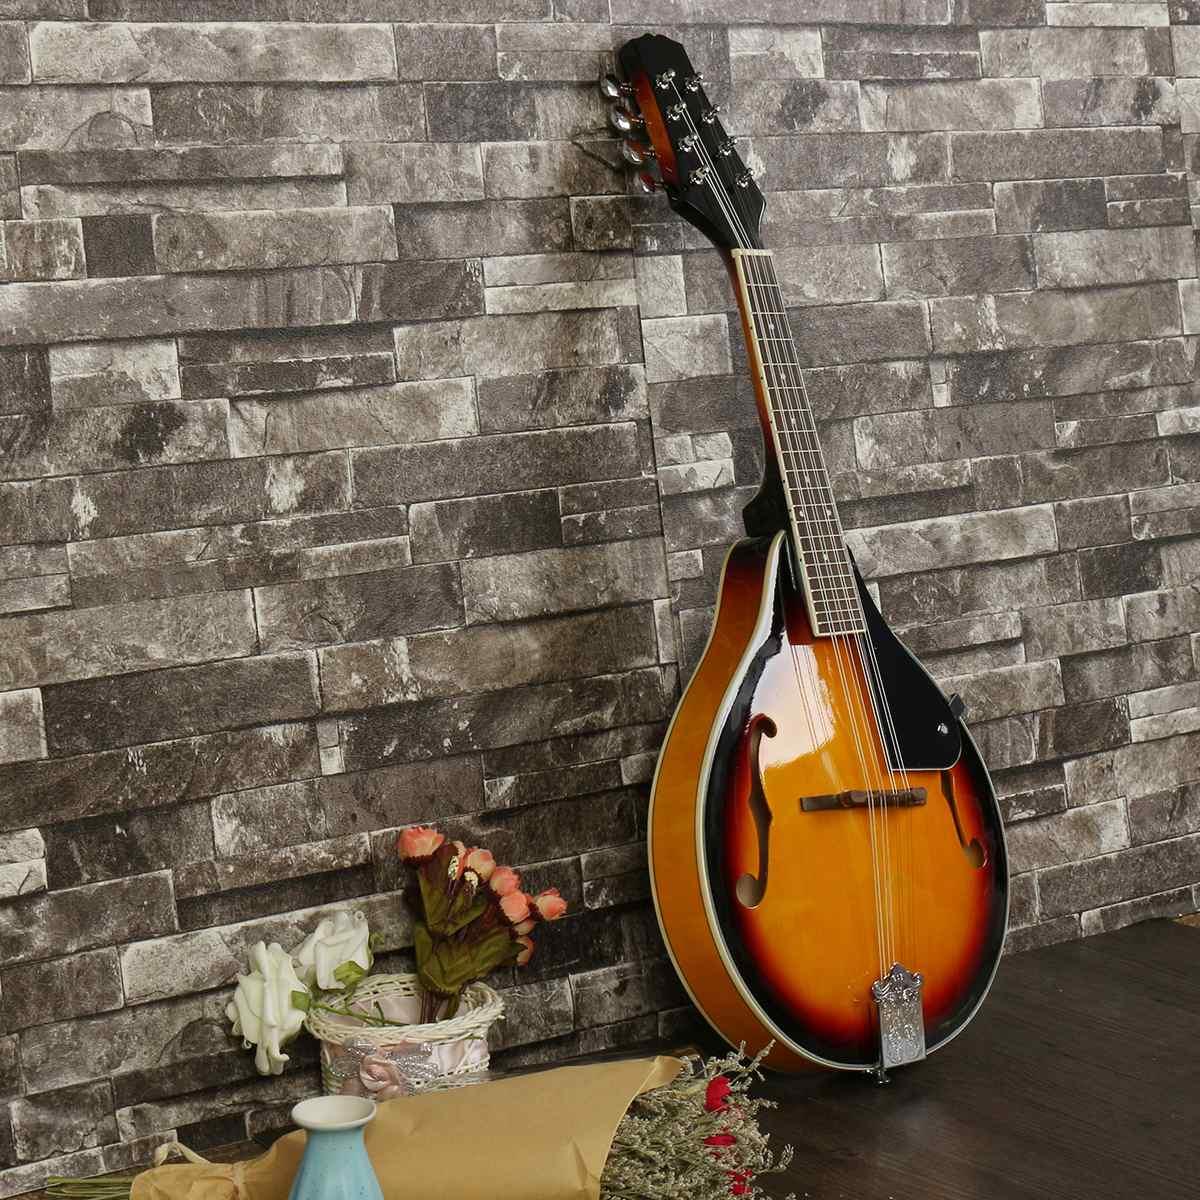 SENRHY coucher de soleil couleur palissandre 8 cordes F trou guitare basse électrique 20 Fret ukulélé pour les amateurs d'instruments à cordes musicales - 3